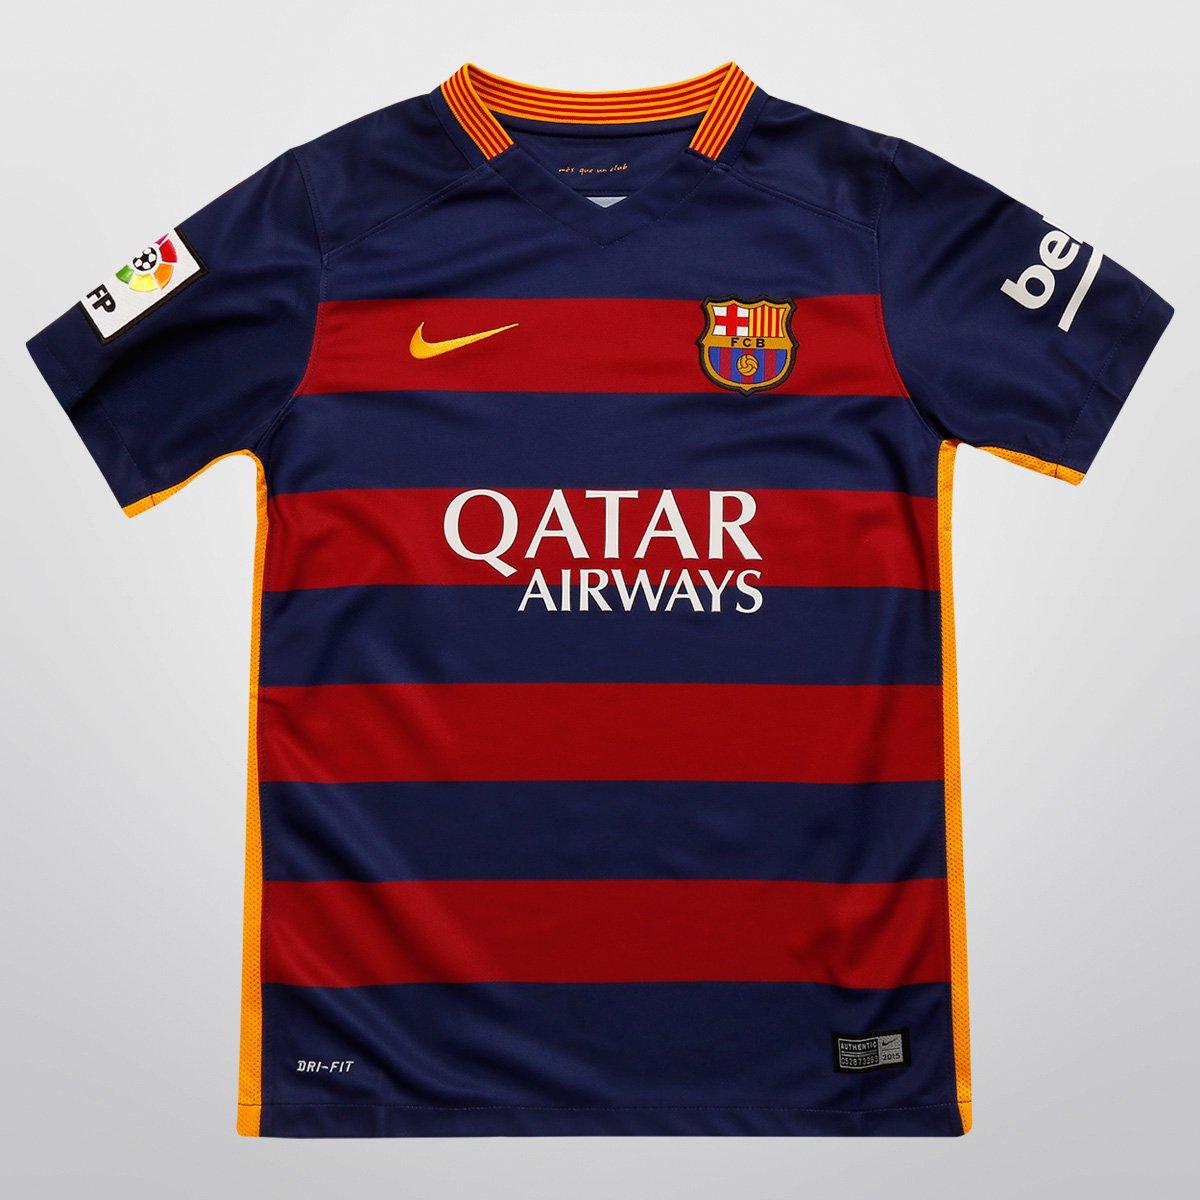 8bb11e013c043 Camisa Nike Barcelona Home 15 16 s nº Juvenil - Compre Agora